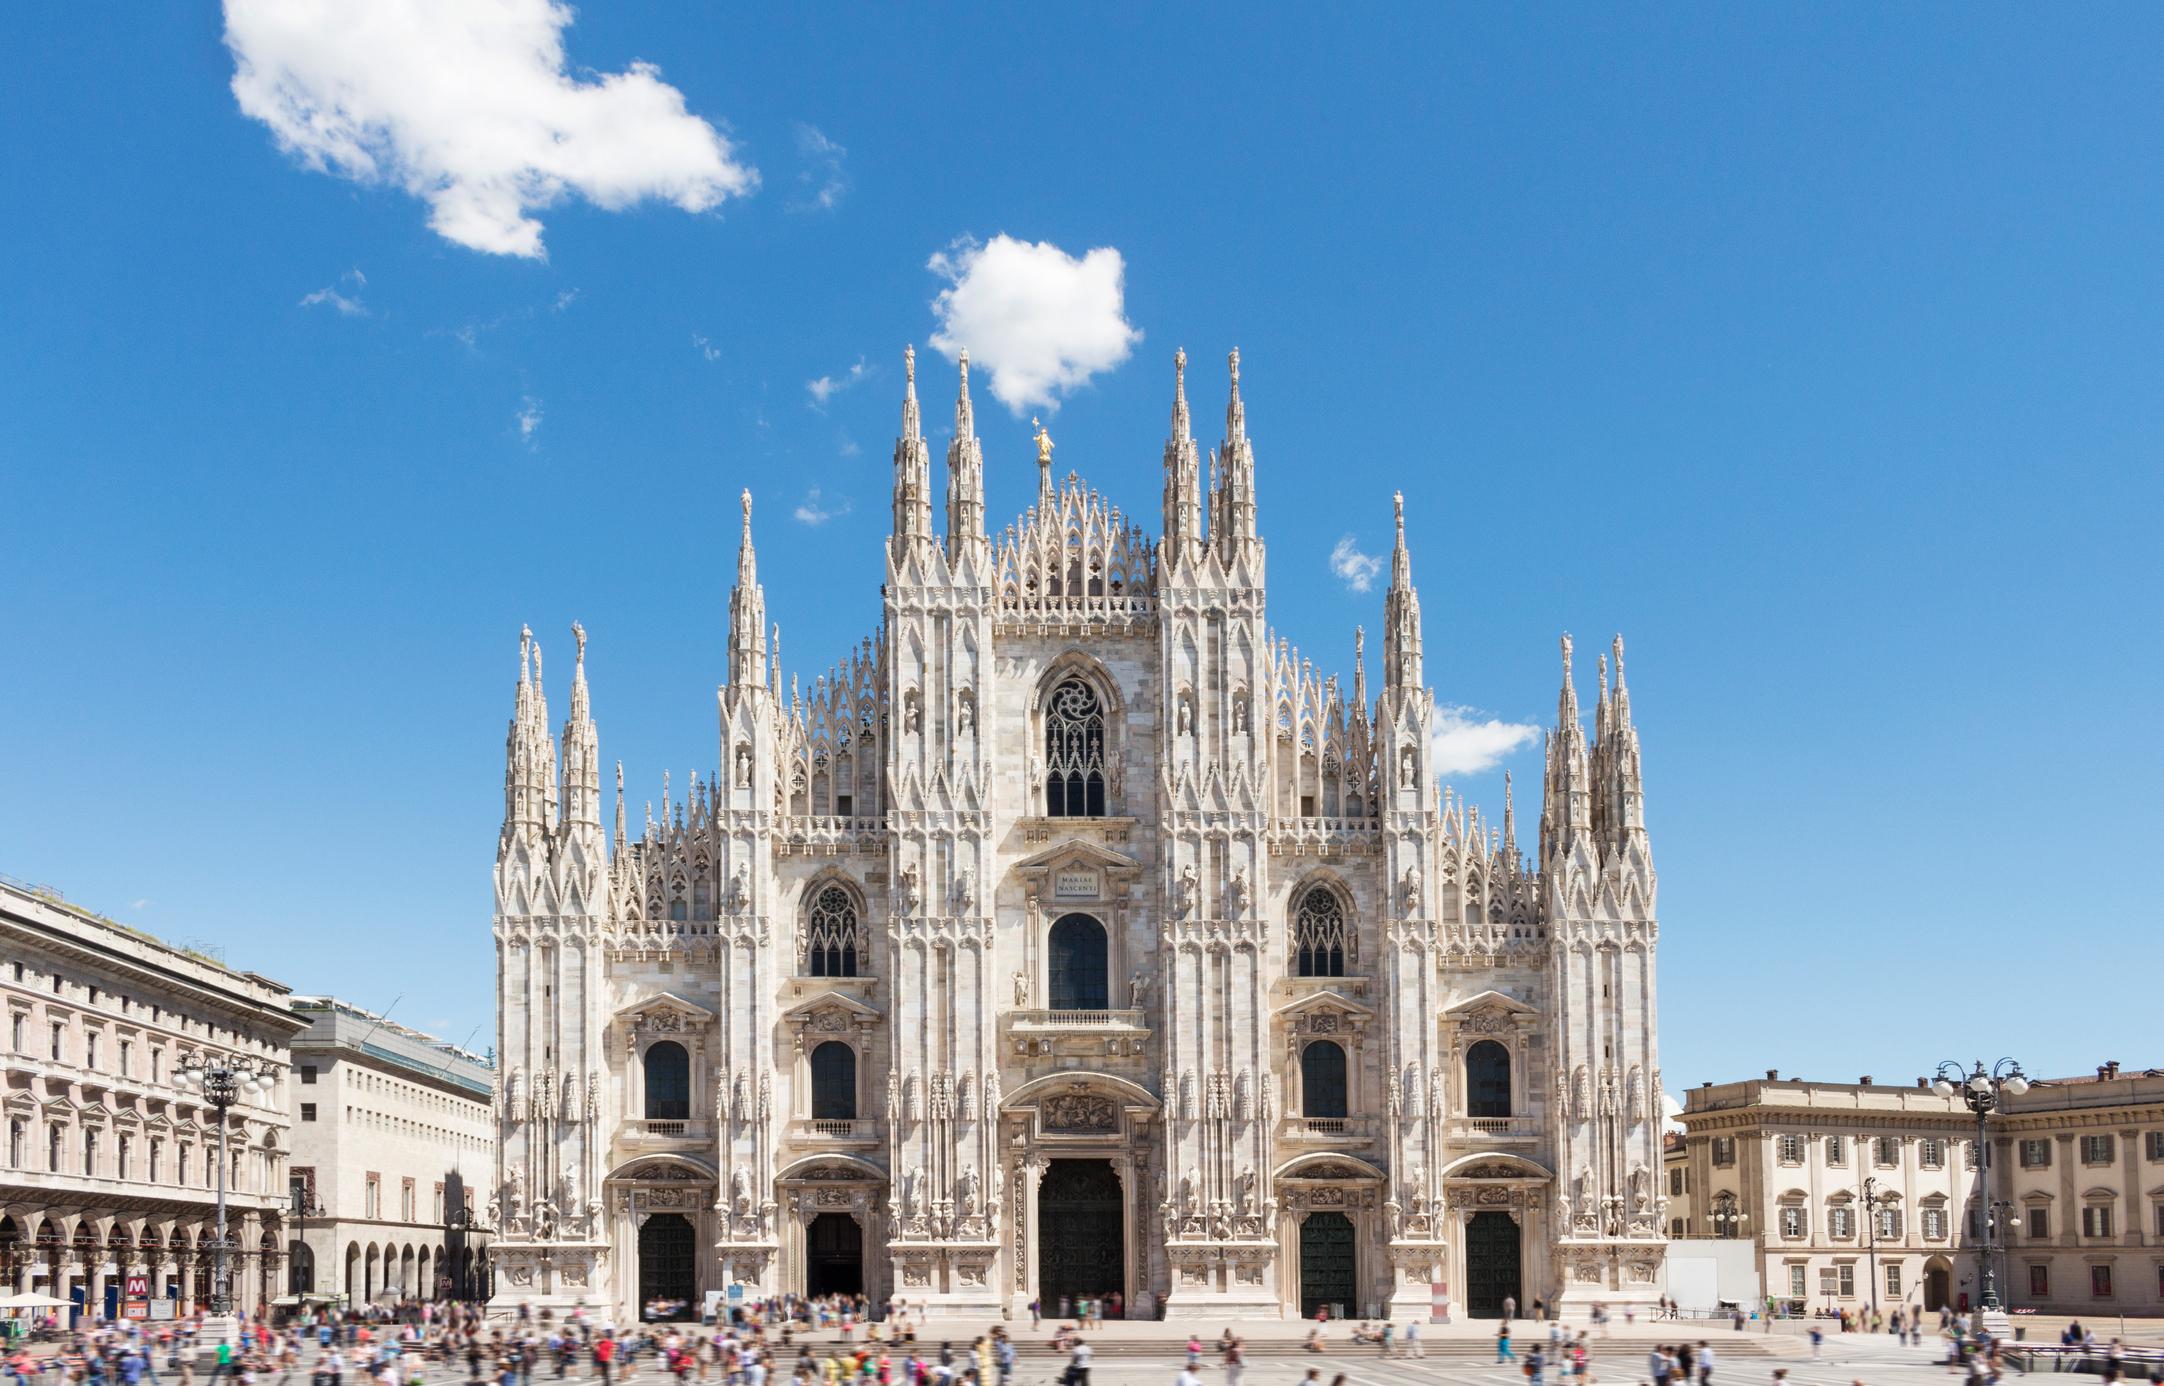 """Сърцето на града е огромната катедрала """"Дуомо"""". Строежът ѝ започва през1386г. и е приключил през 1820г., висока е 108 метра и 158 метра дълга. <ul>  <li>Сърцето на града е огромната катедрала в неоготически стил – """"Дуомо"""", станала известна от филма наФедерико Фелини""""Чудото в Милано"""". Строежът ѝ започва през1386г. и е продължил до1820г., висока е 108 метра и 158 метра дълга.</li> </ul>"""